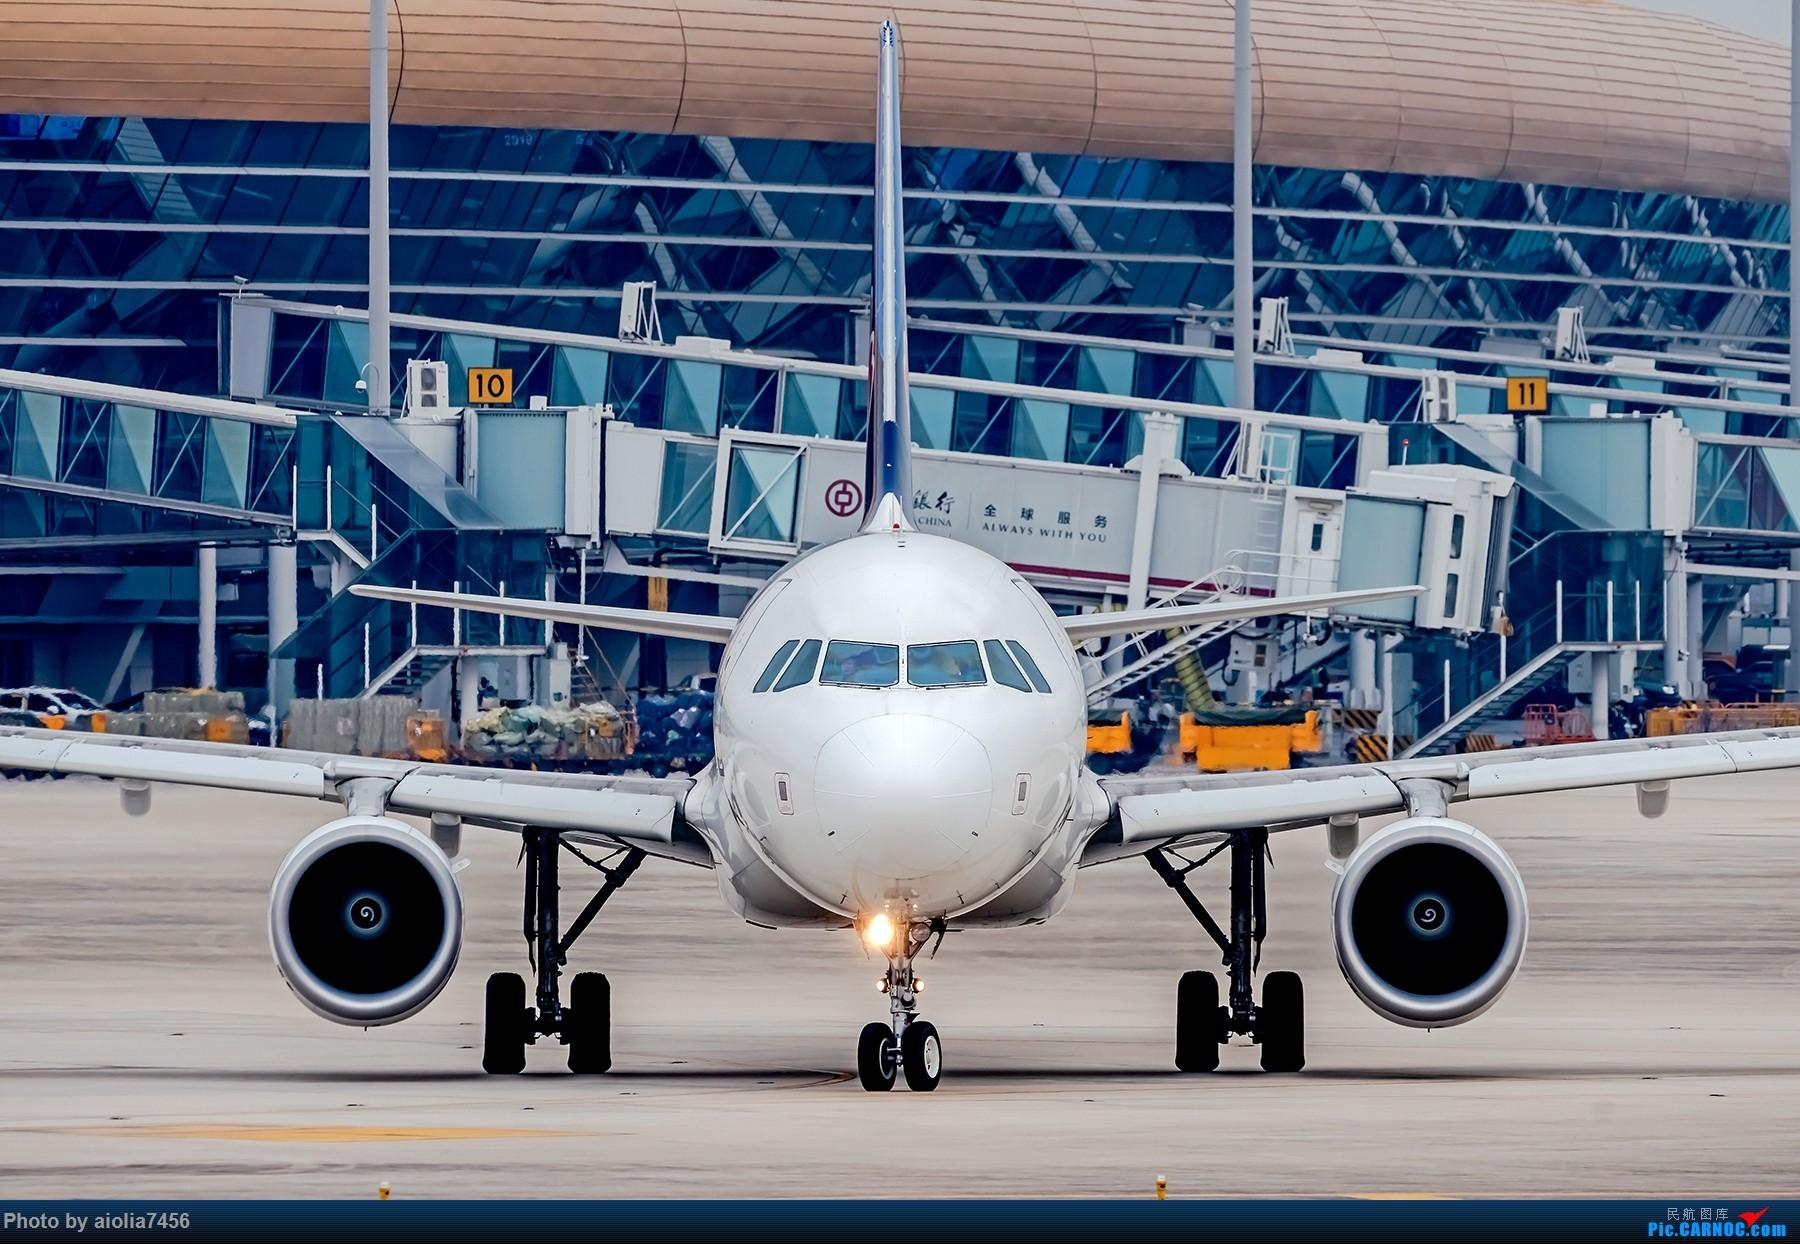 Re:[原创]{霸都打机队}儿子说,合肥为什么没有大飞机?(手动尴尬) AIRBUS A320-200 B-8430 中国合肥新桥国际机场